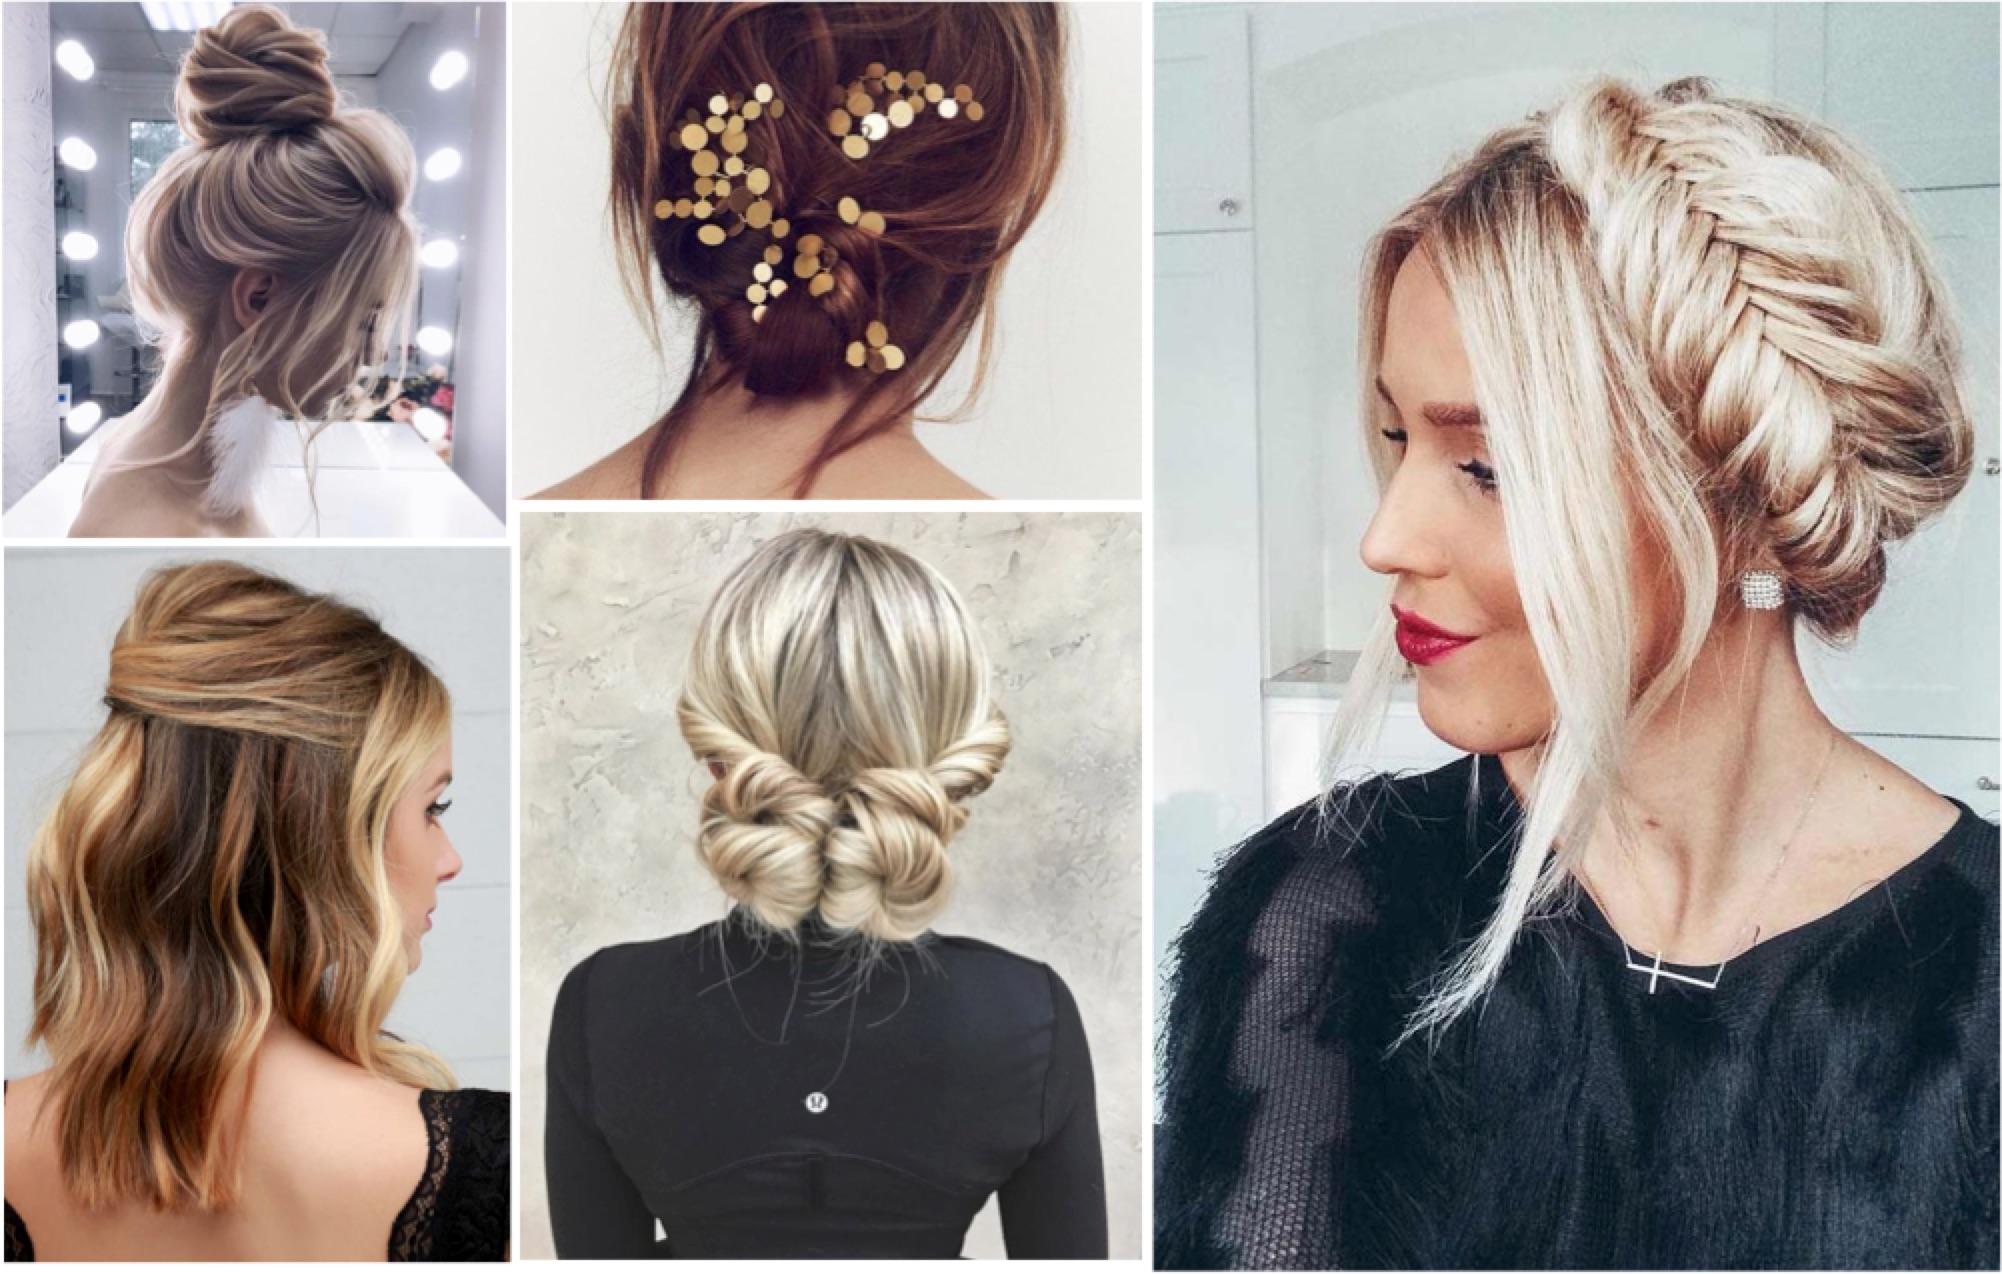 5 coiffures sublimes pour les fêtes